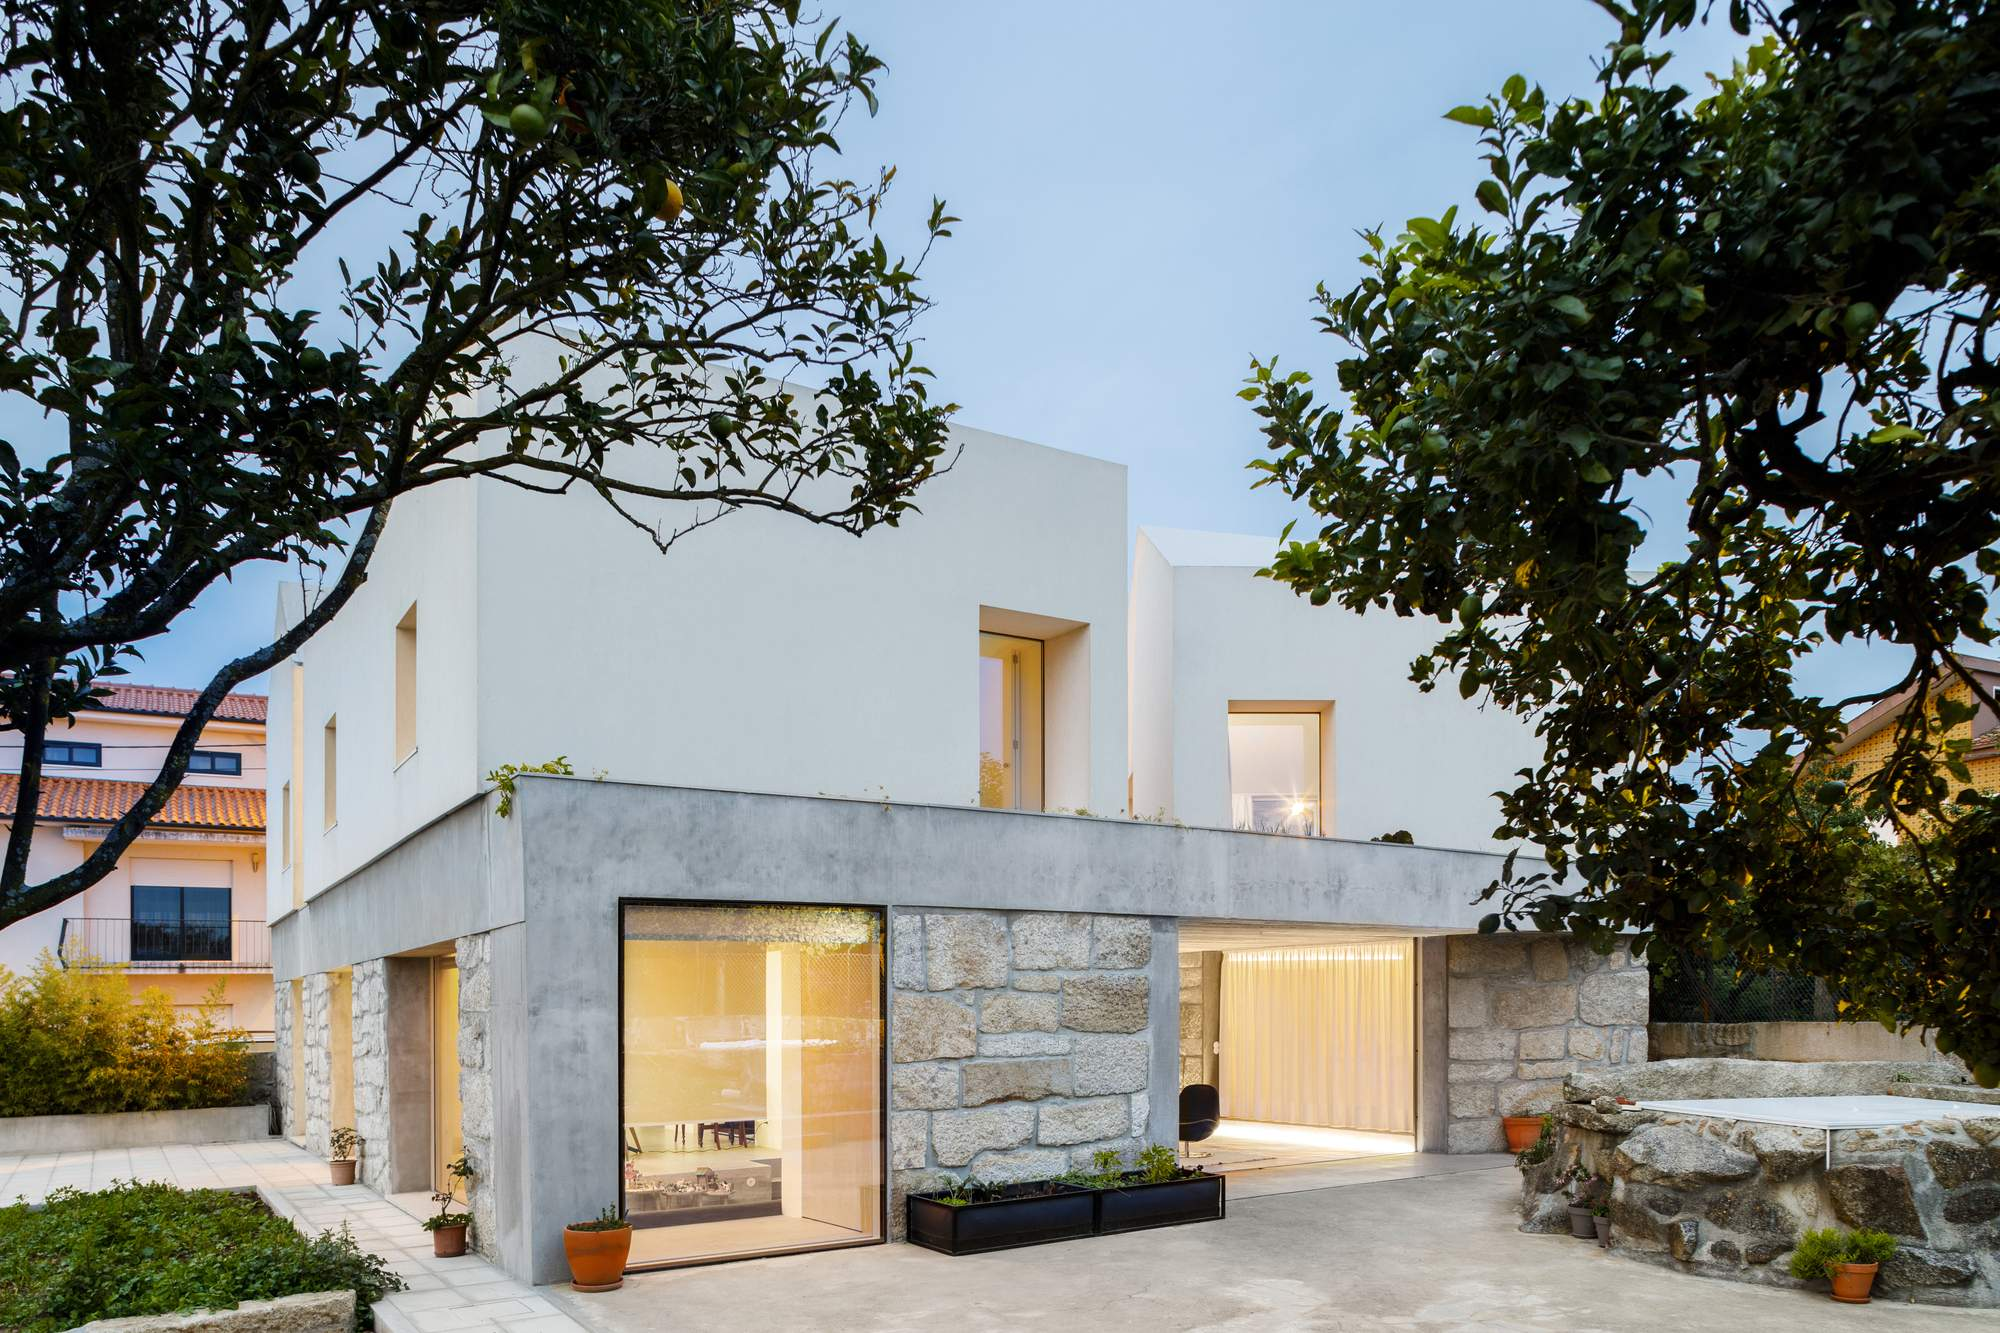 Превращение старого фермерского дома в современную резиденцию, Португалия